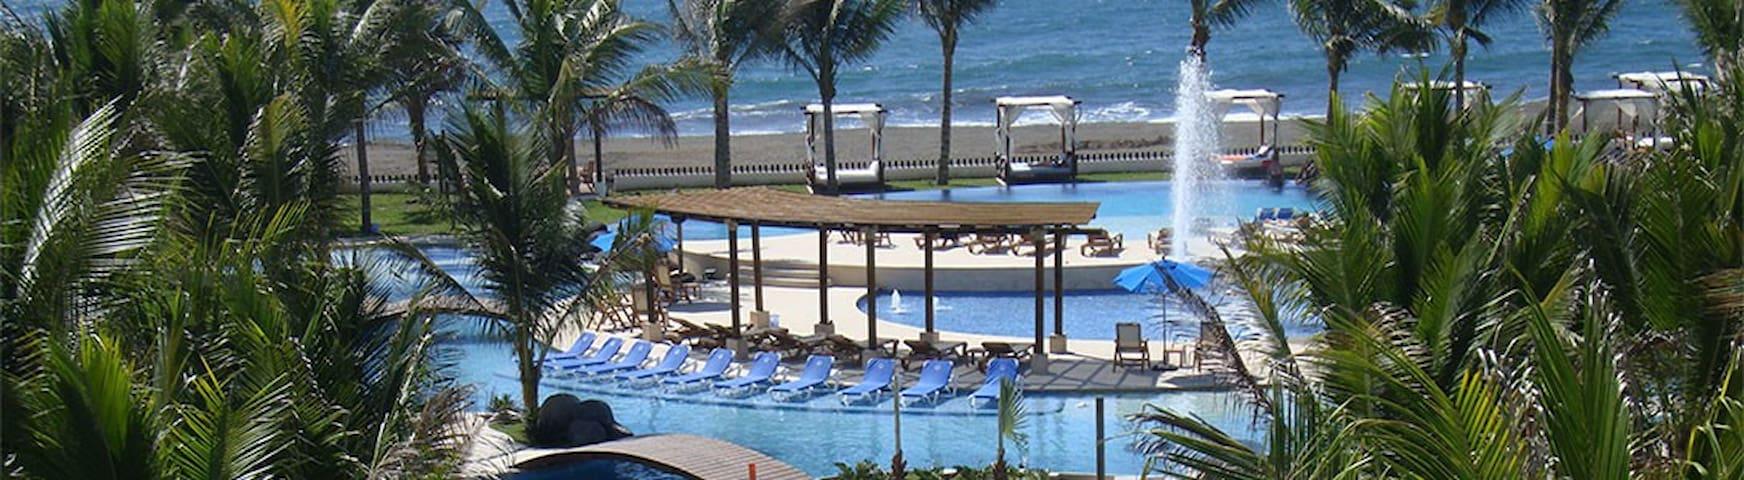 Lindo apto en condominio, piscinas, frente al mar - Monterrico - Apartemen